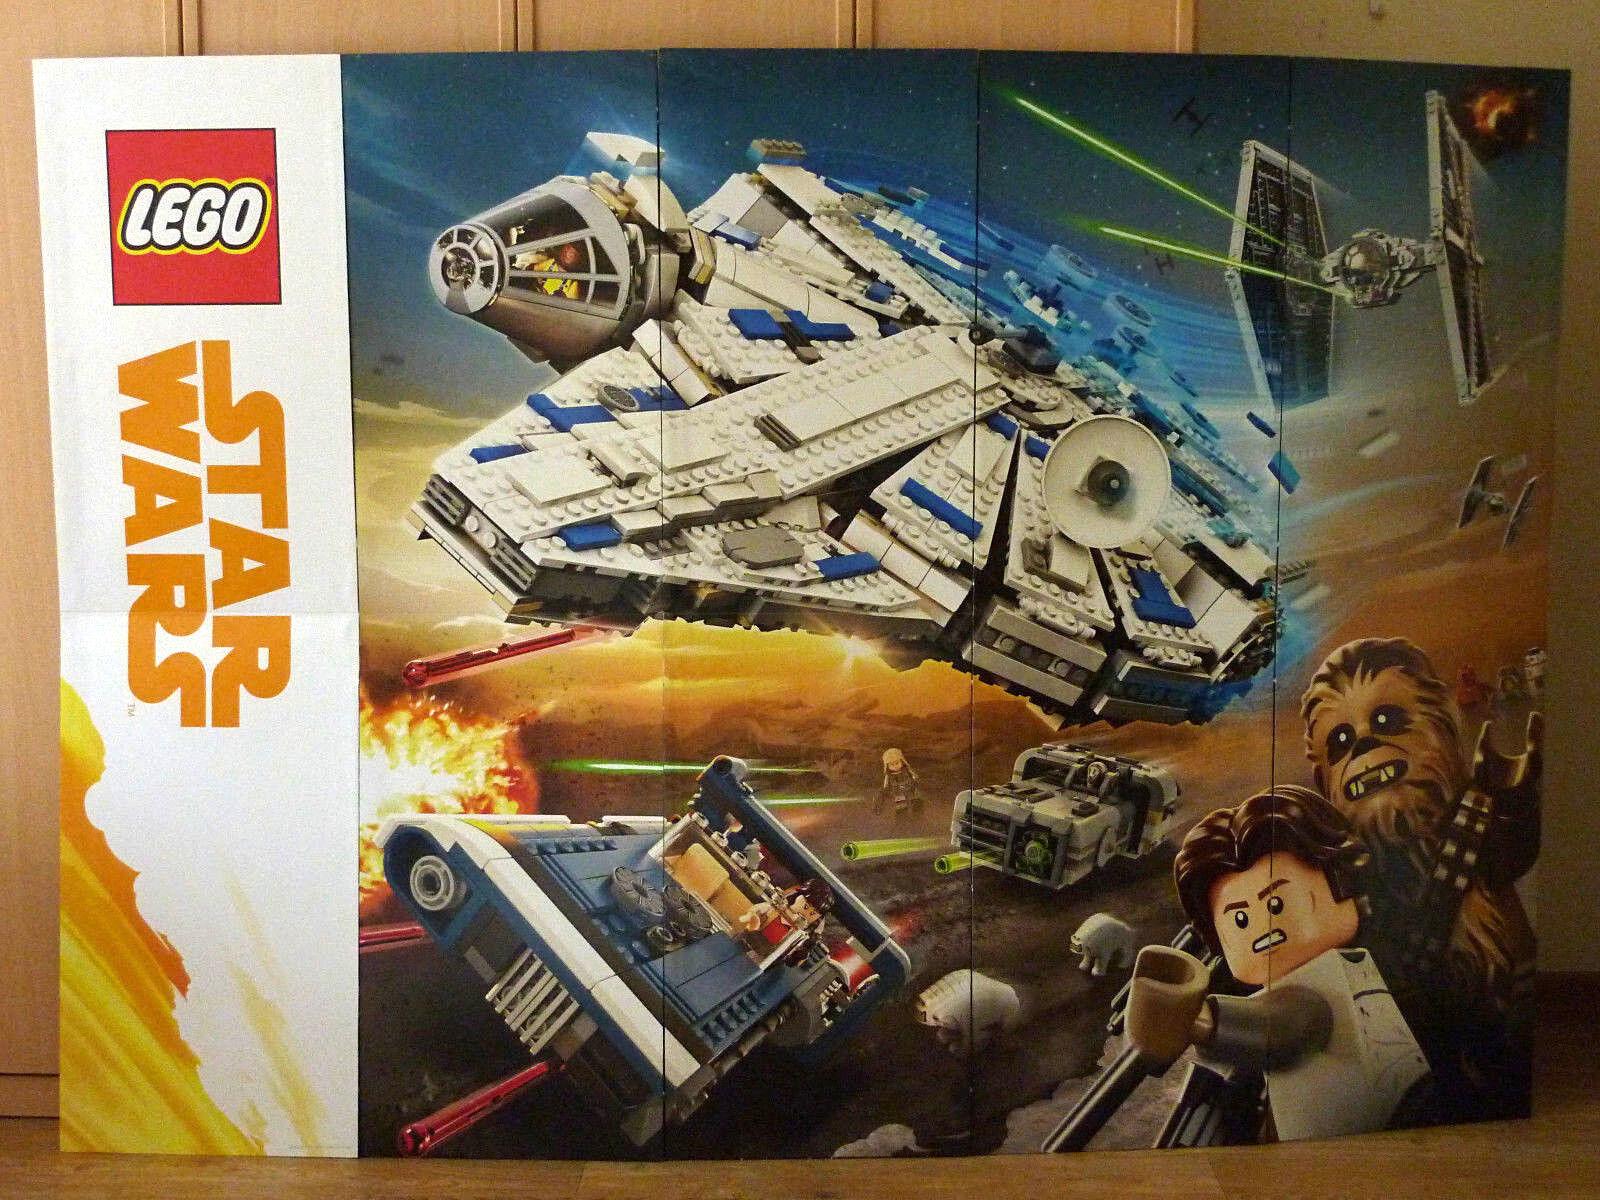 Lego Star Wars Millenium Falcon publicidad cartel al plato adverdeising Banner